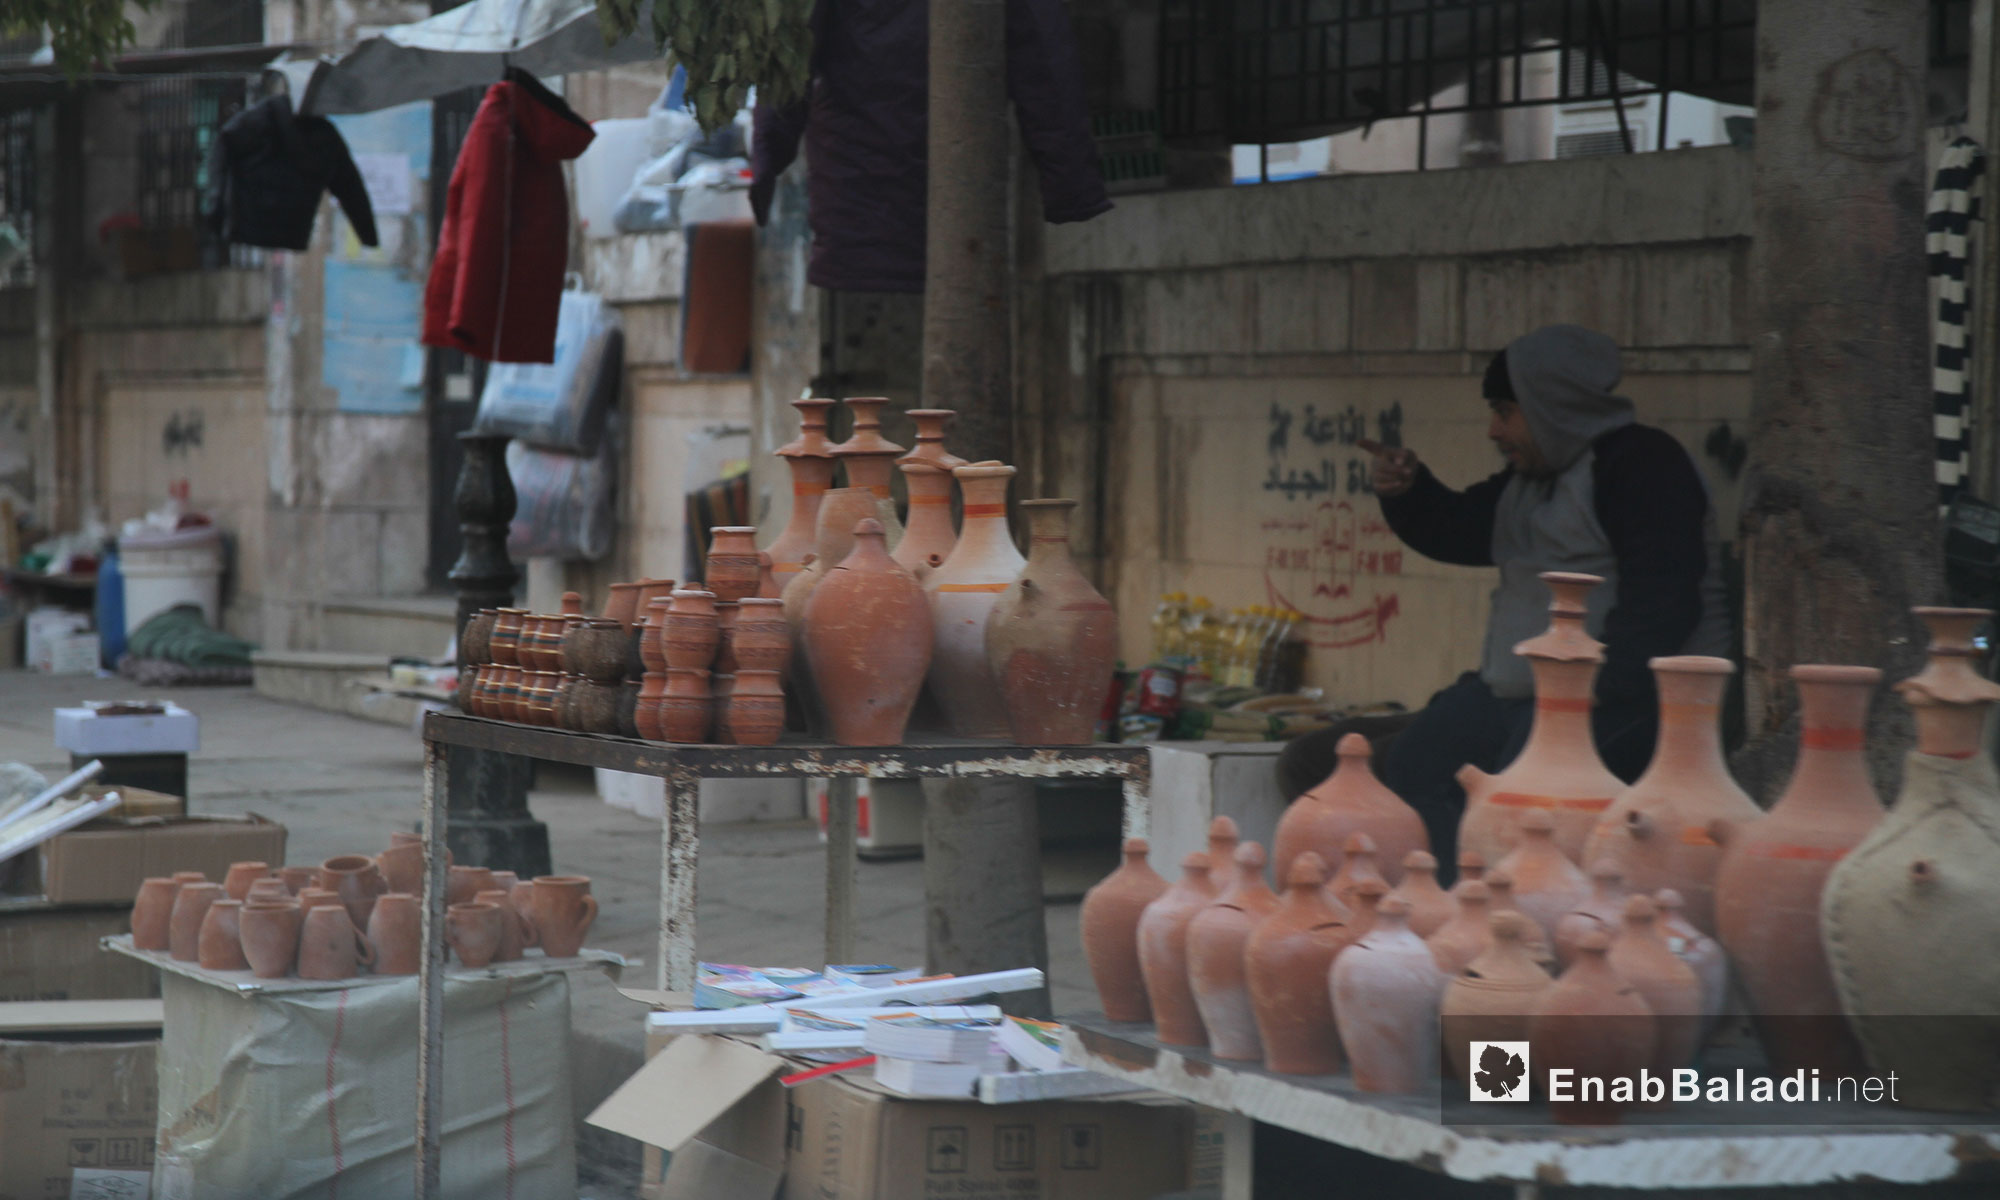 بائع أواني فخارية في مدينة إدلب - 9 شباط 2017 (عنب بلدي)